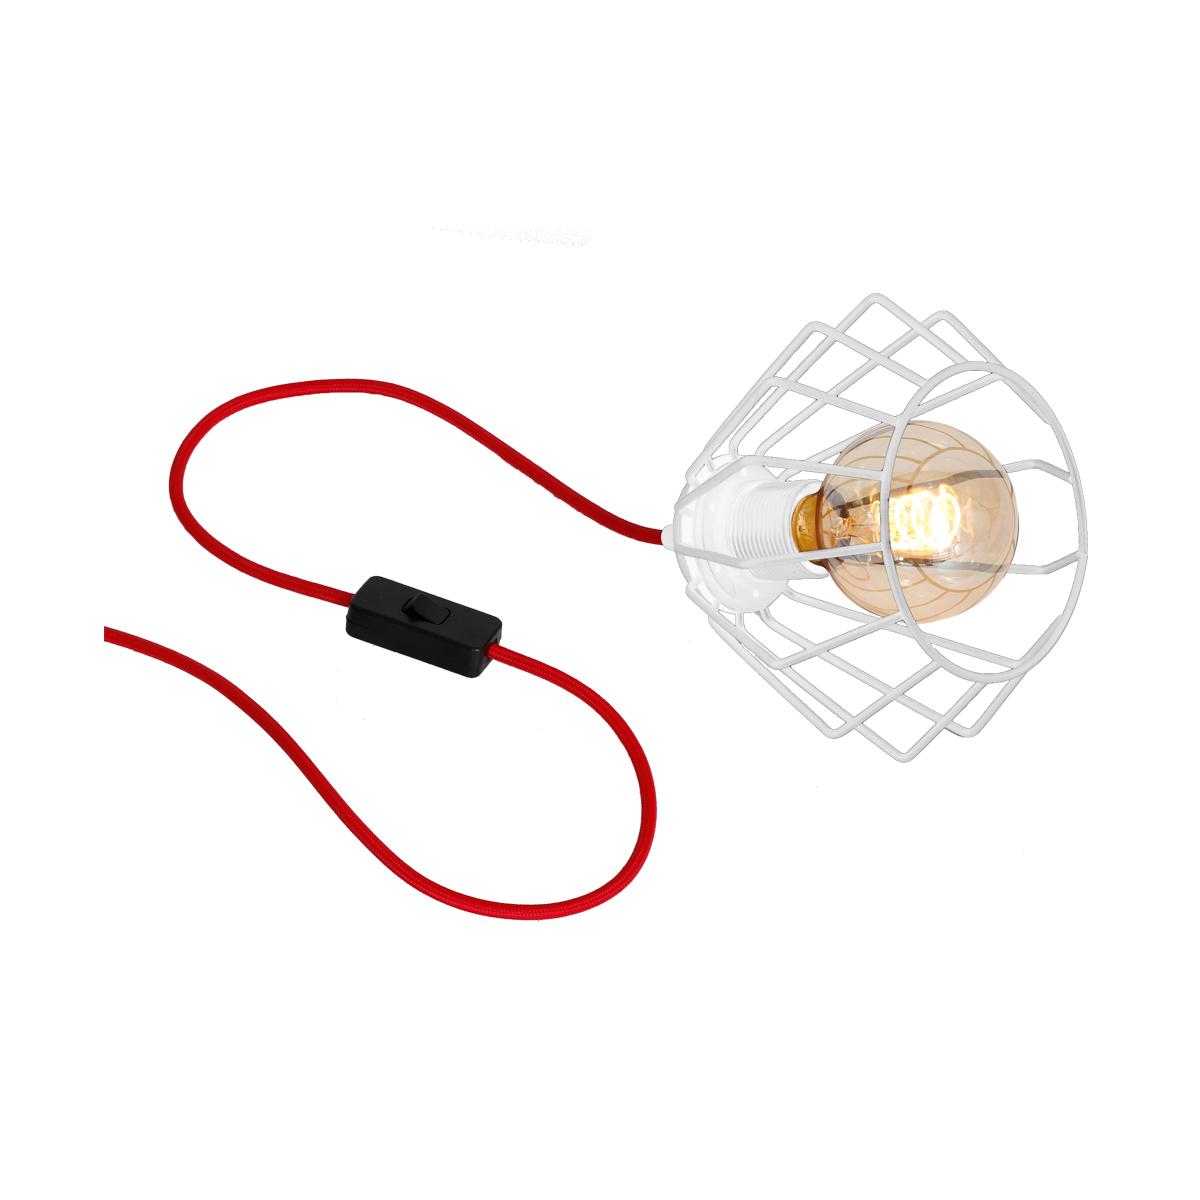 klosz biały ( kabel w czerwonym oplocie )